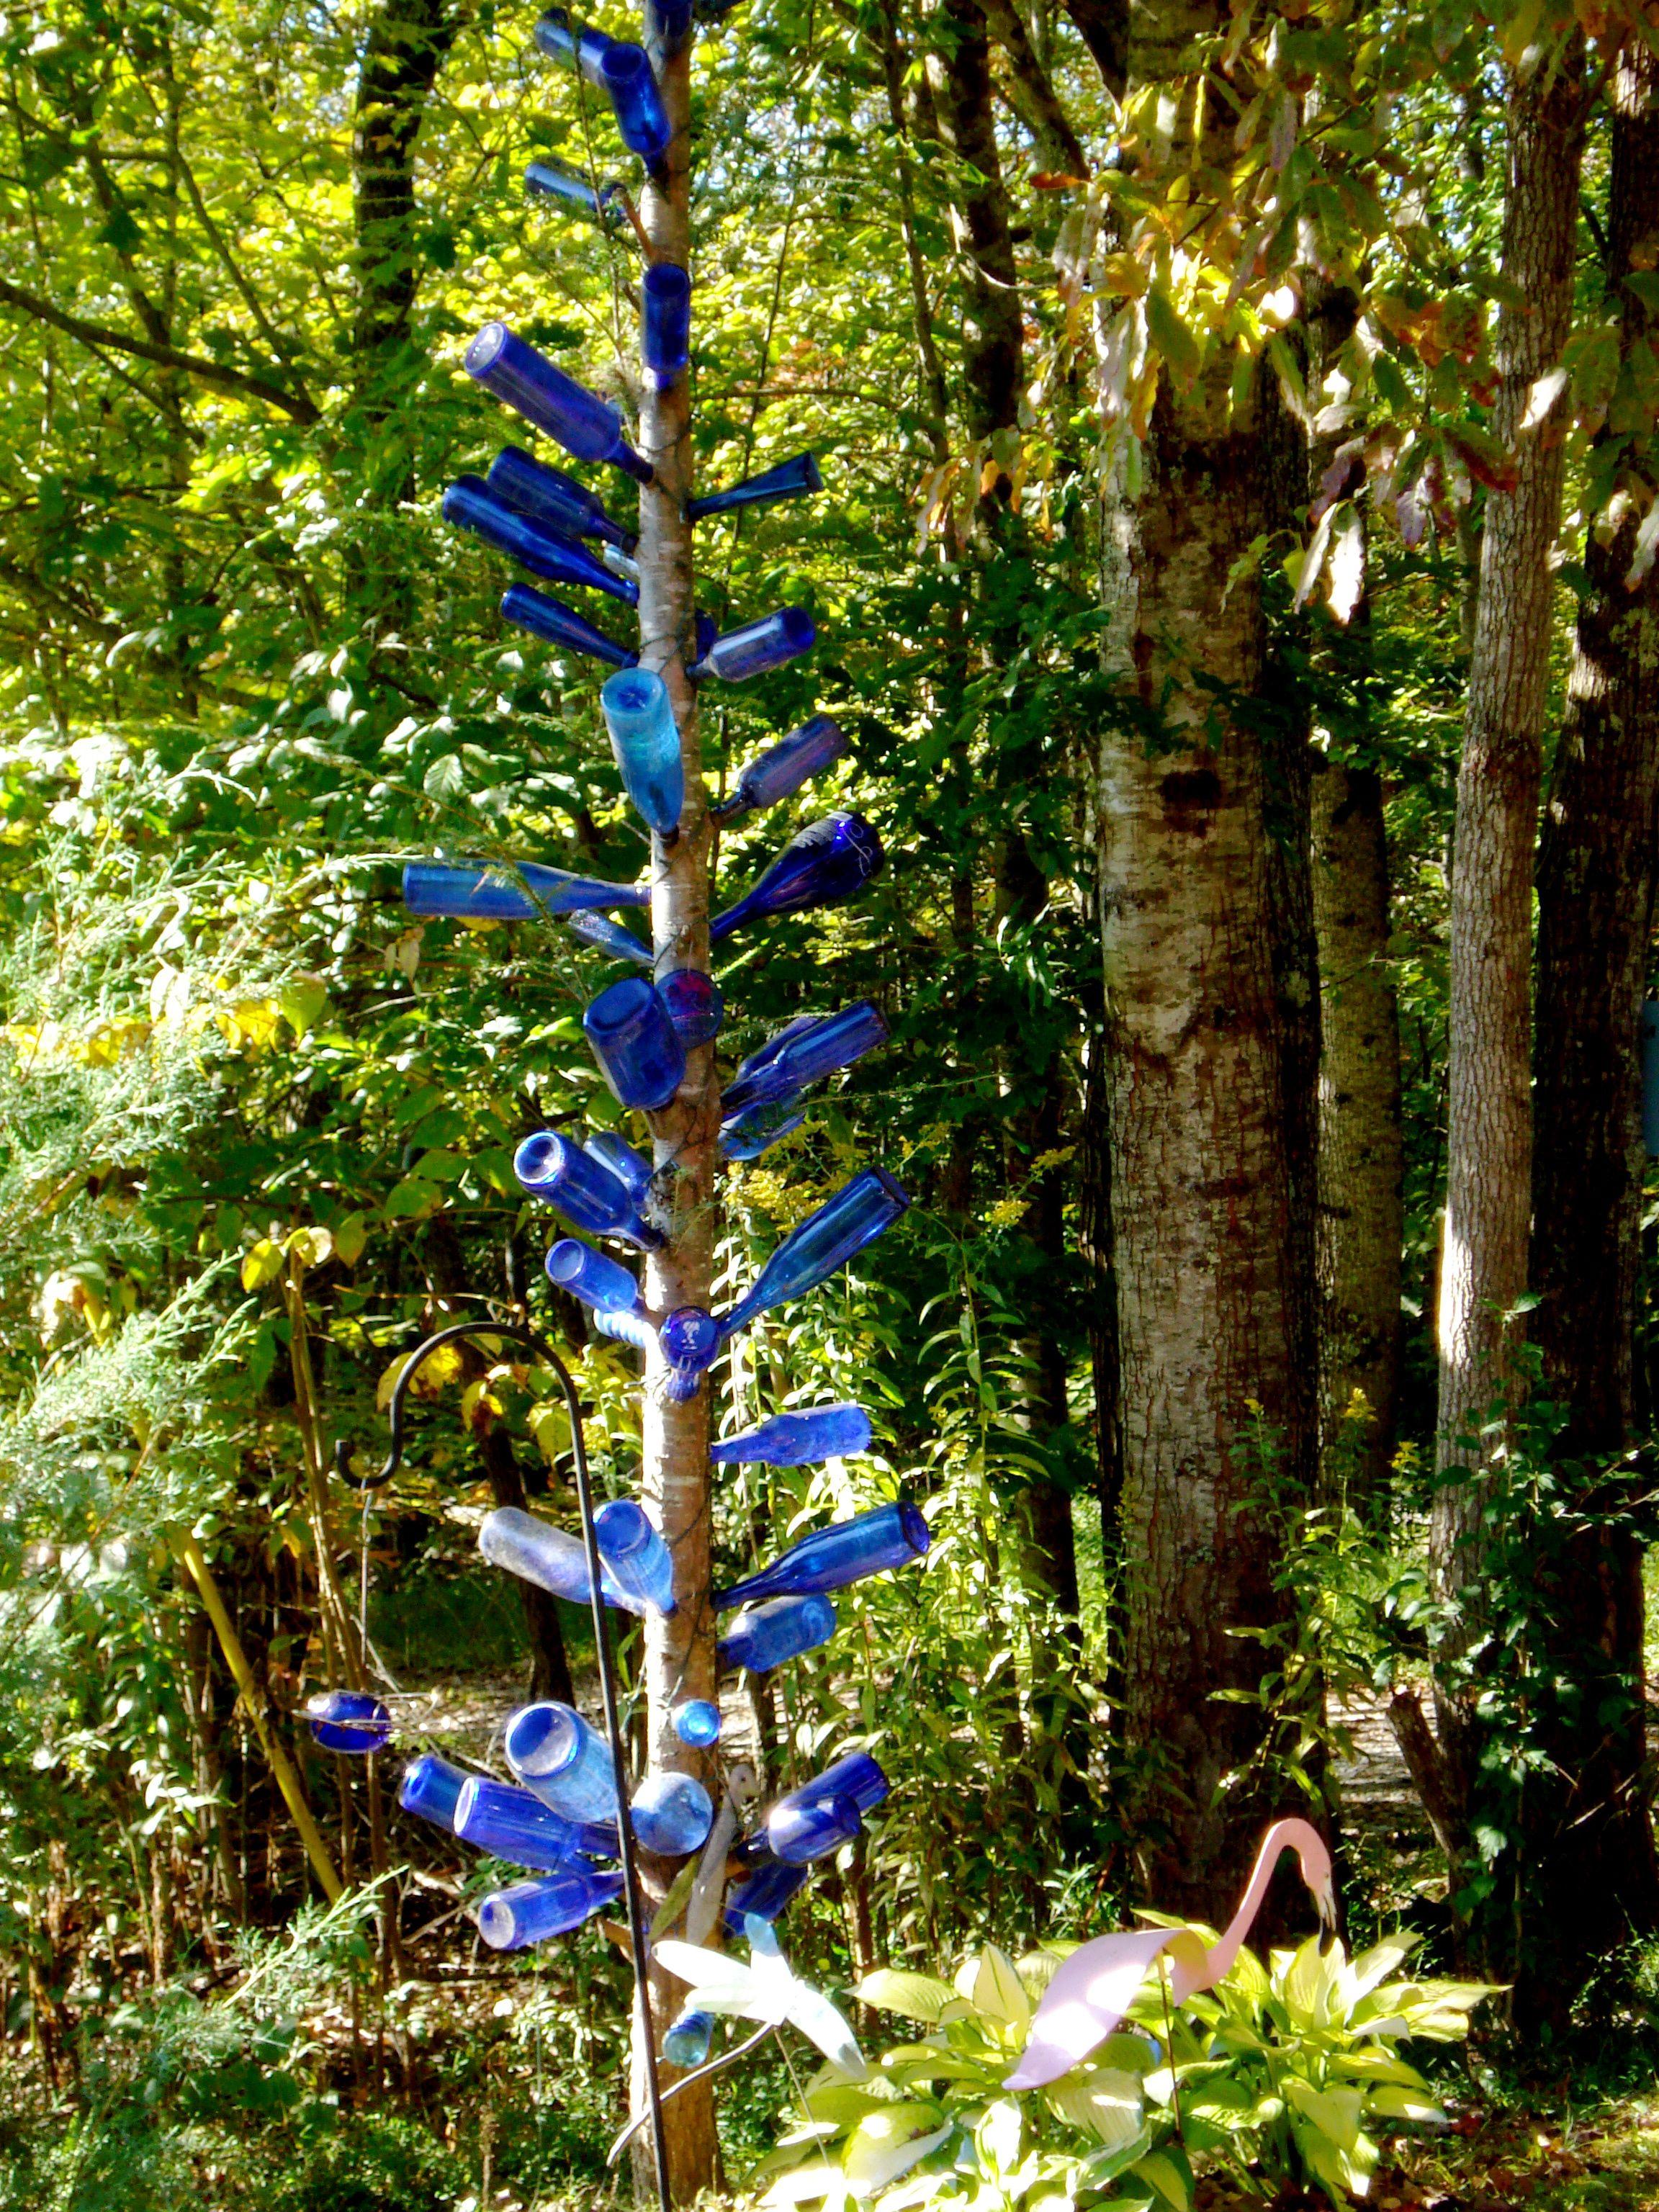 a true bottle tree | garden ideas and garden art | Pinterest ...